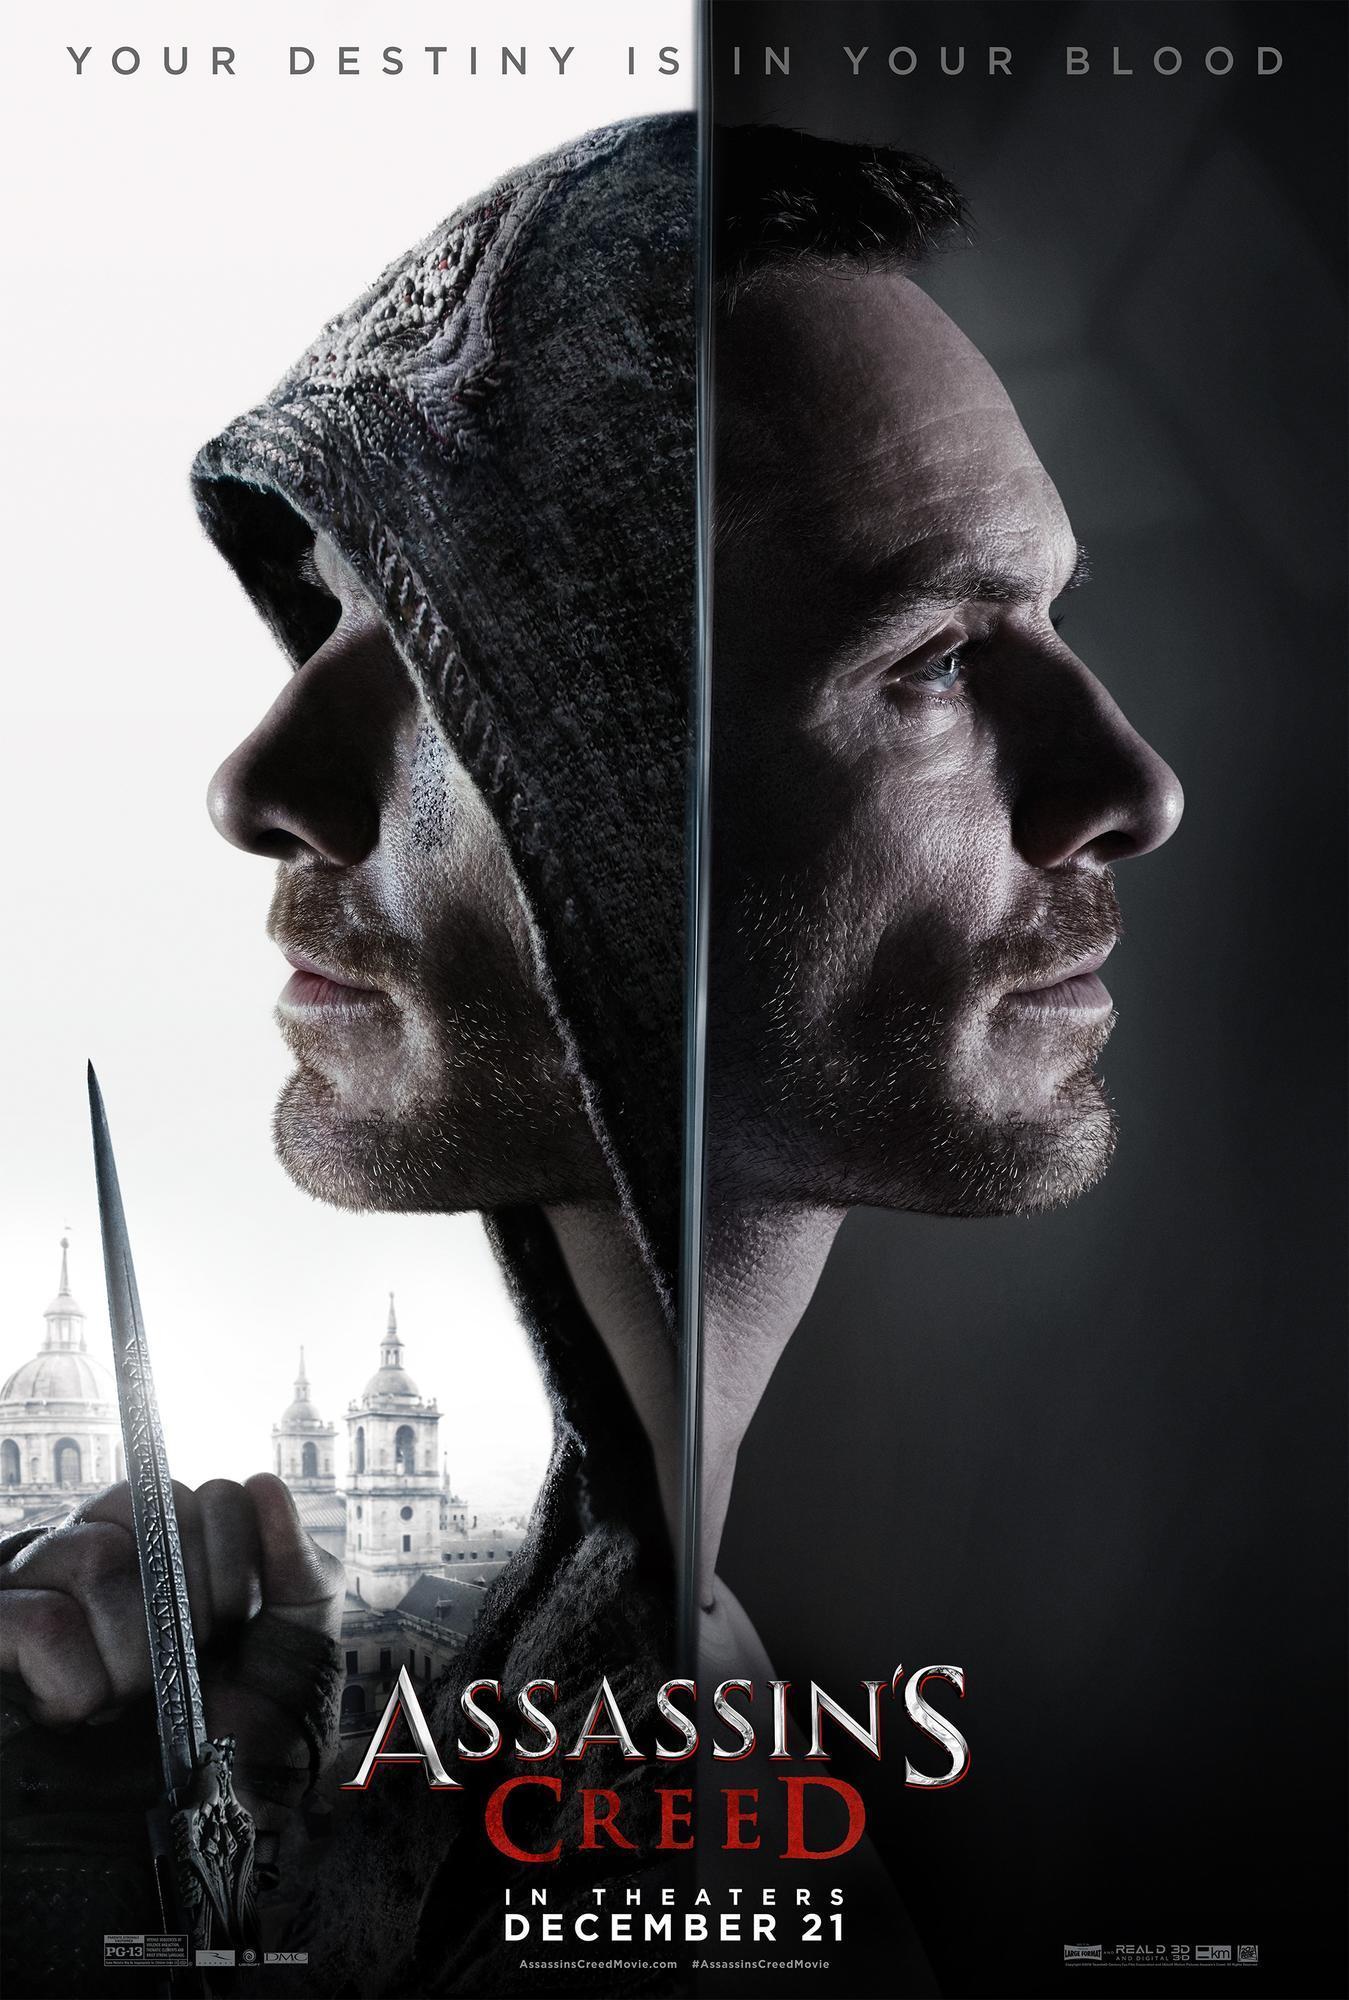 """《刺客信条》(Assassin's Creed)全新预告海报出炉 """"法鲨""""刺客基因觉醒"""